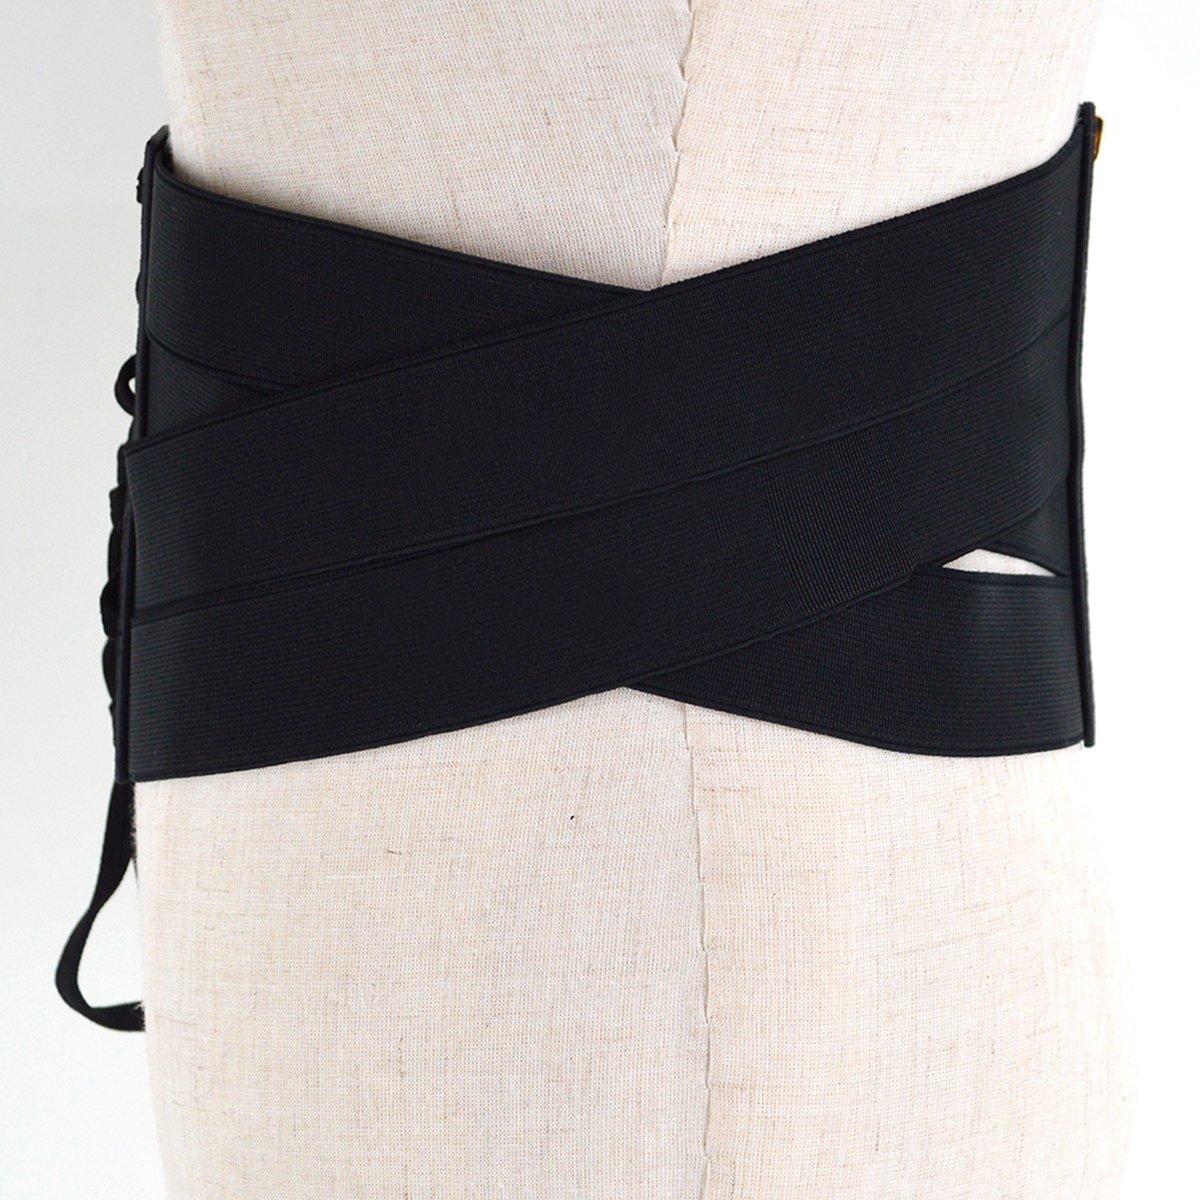 f6af223cf3c4 AiSi Ceinture Obi Femme Noir pour Décoration Robe Chemise et Jupe Style 1   Amazon.fr  Vêtements et accessoires